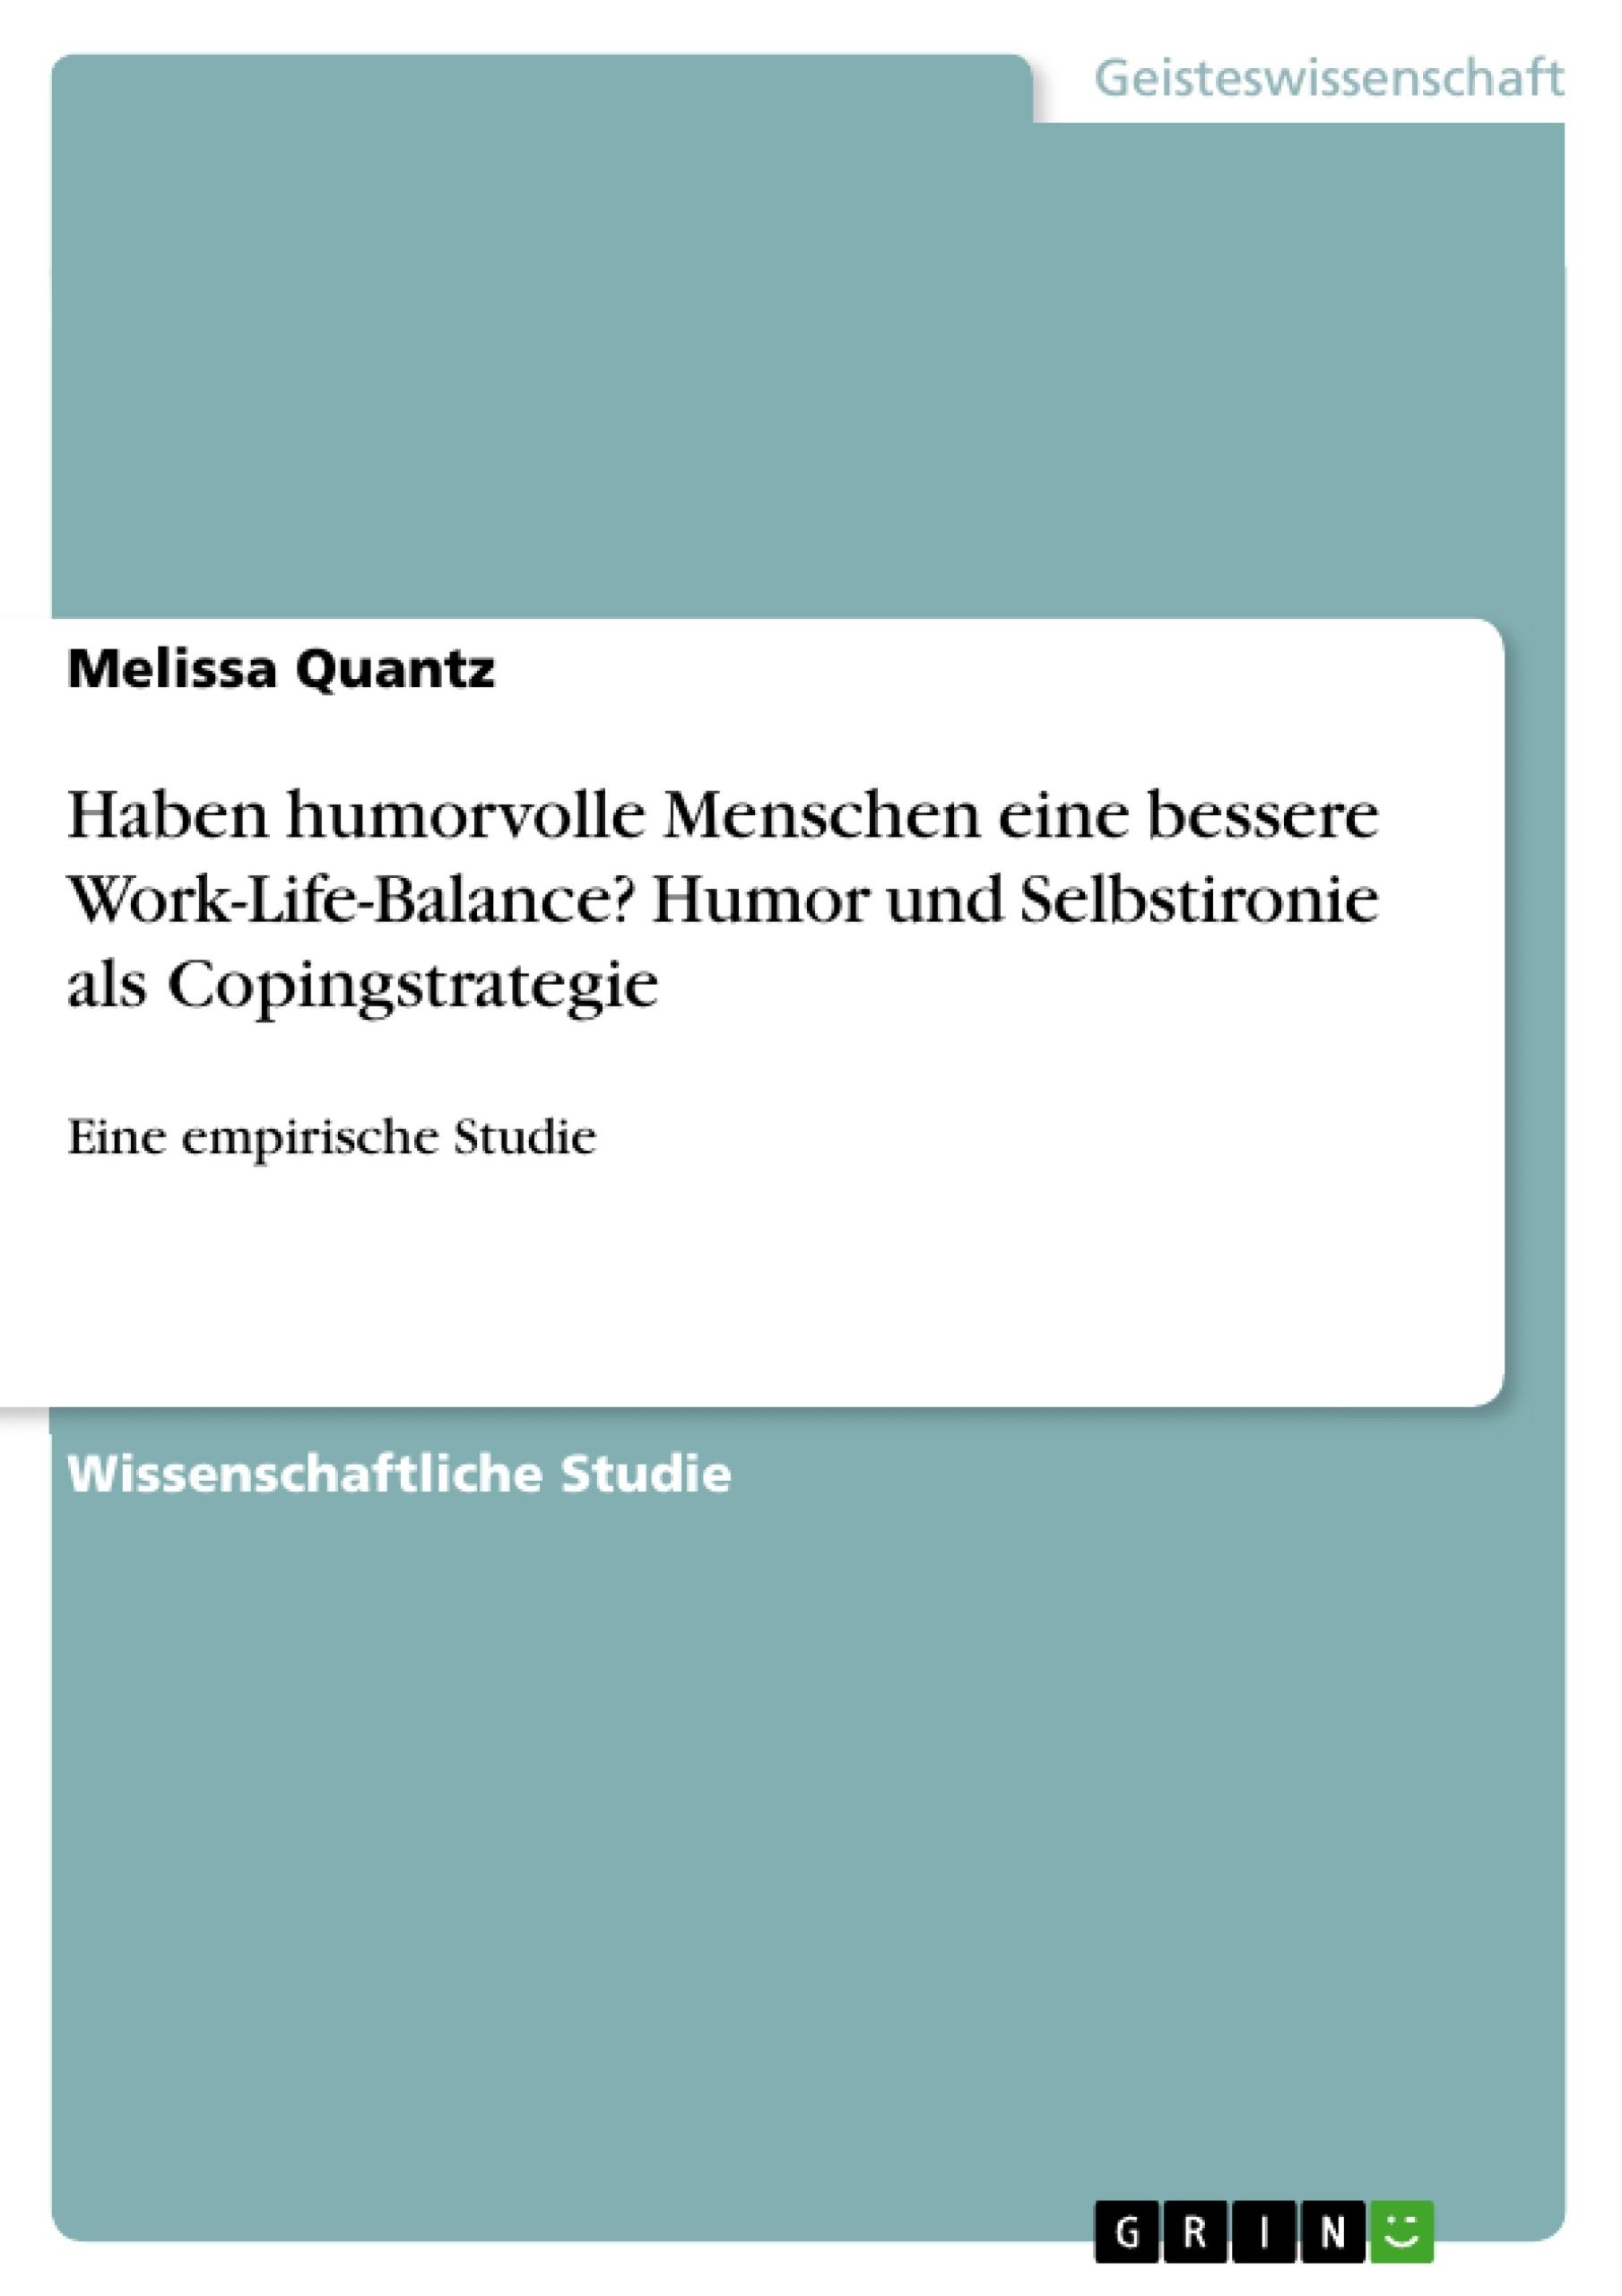 Titel: Haben humorvolle Menschen eine bessere Work-Life-Balance? Humor und Selbstironie als Copingstrategie